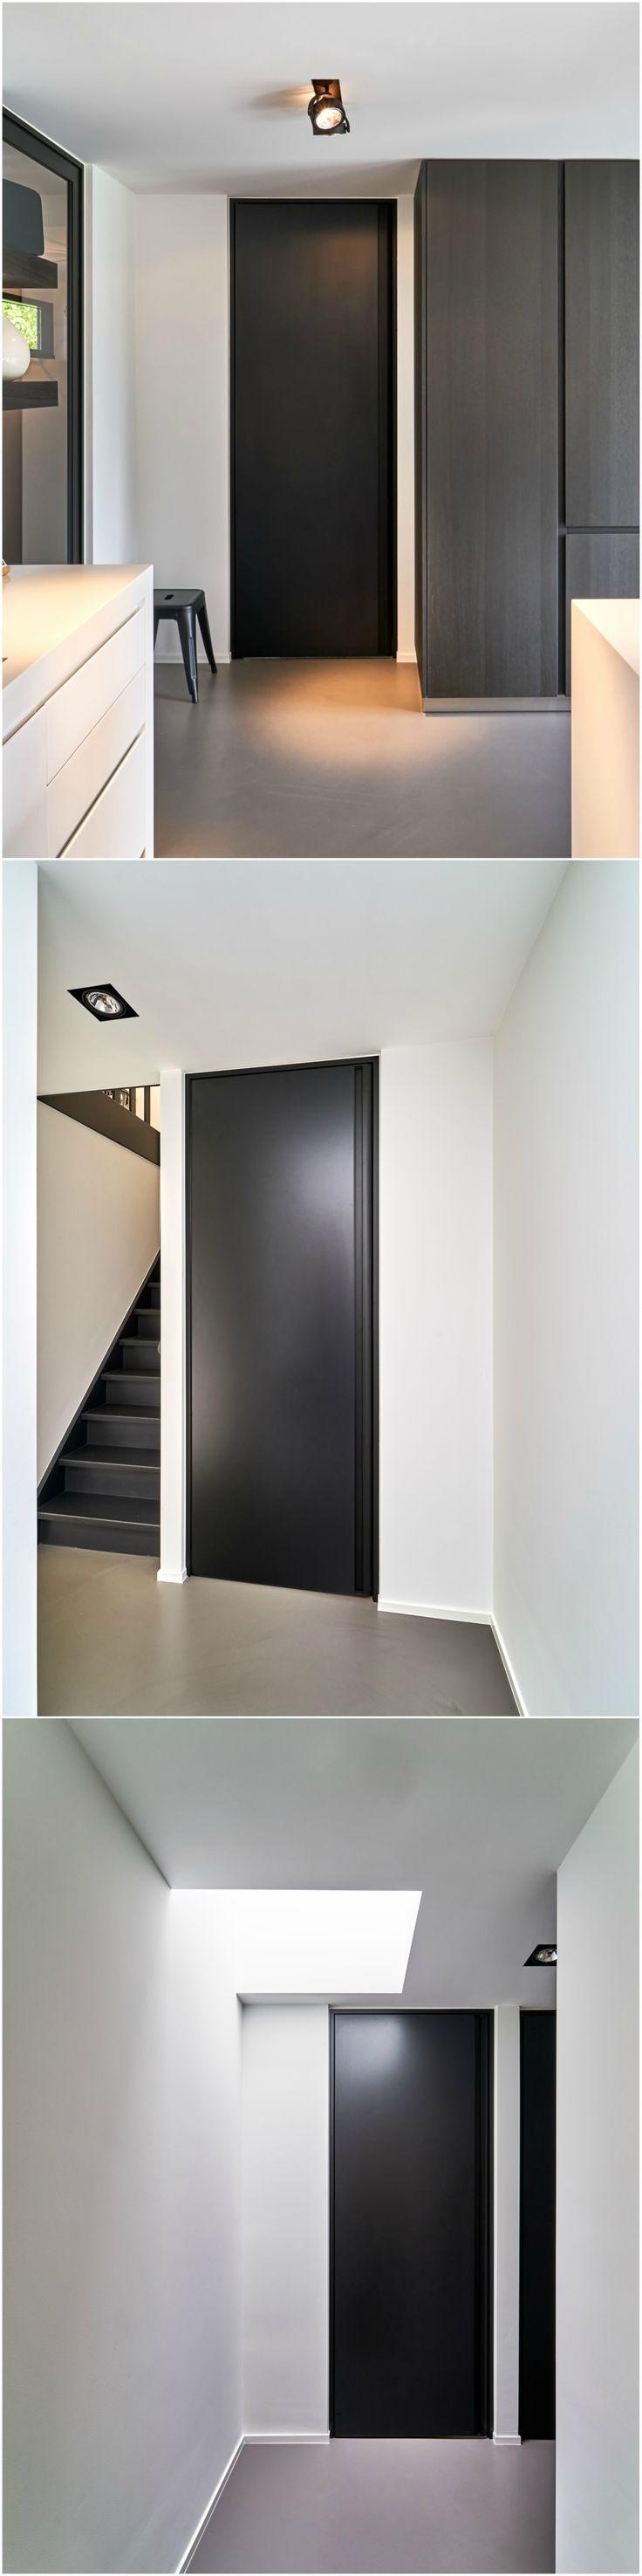 Zwarte deur kamerhoog   Op maat gemaakt met een BKO-omlijsting in zwart geanodiseerd aluminium en een verticale handgreep in hetzelfde aluminium voor een greeploos design. Het deurpaneel zelf is afgewerkt met Resopal Massiv, een slagvast, krasvast en onderhoudsvriendelijk materiaal.